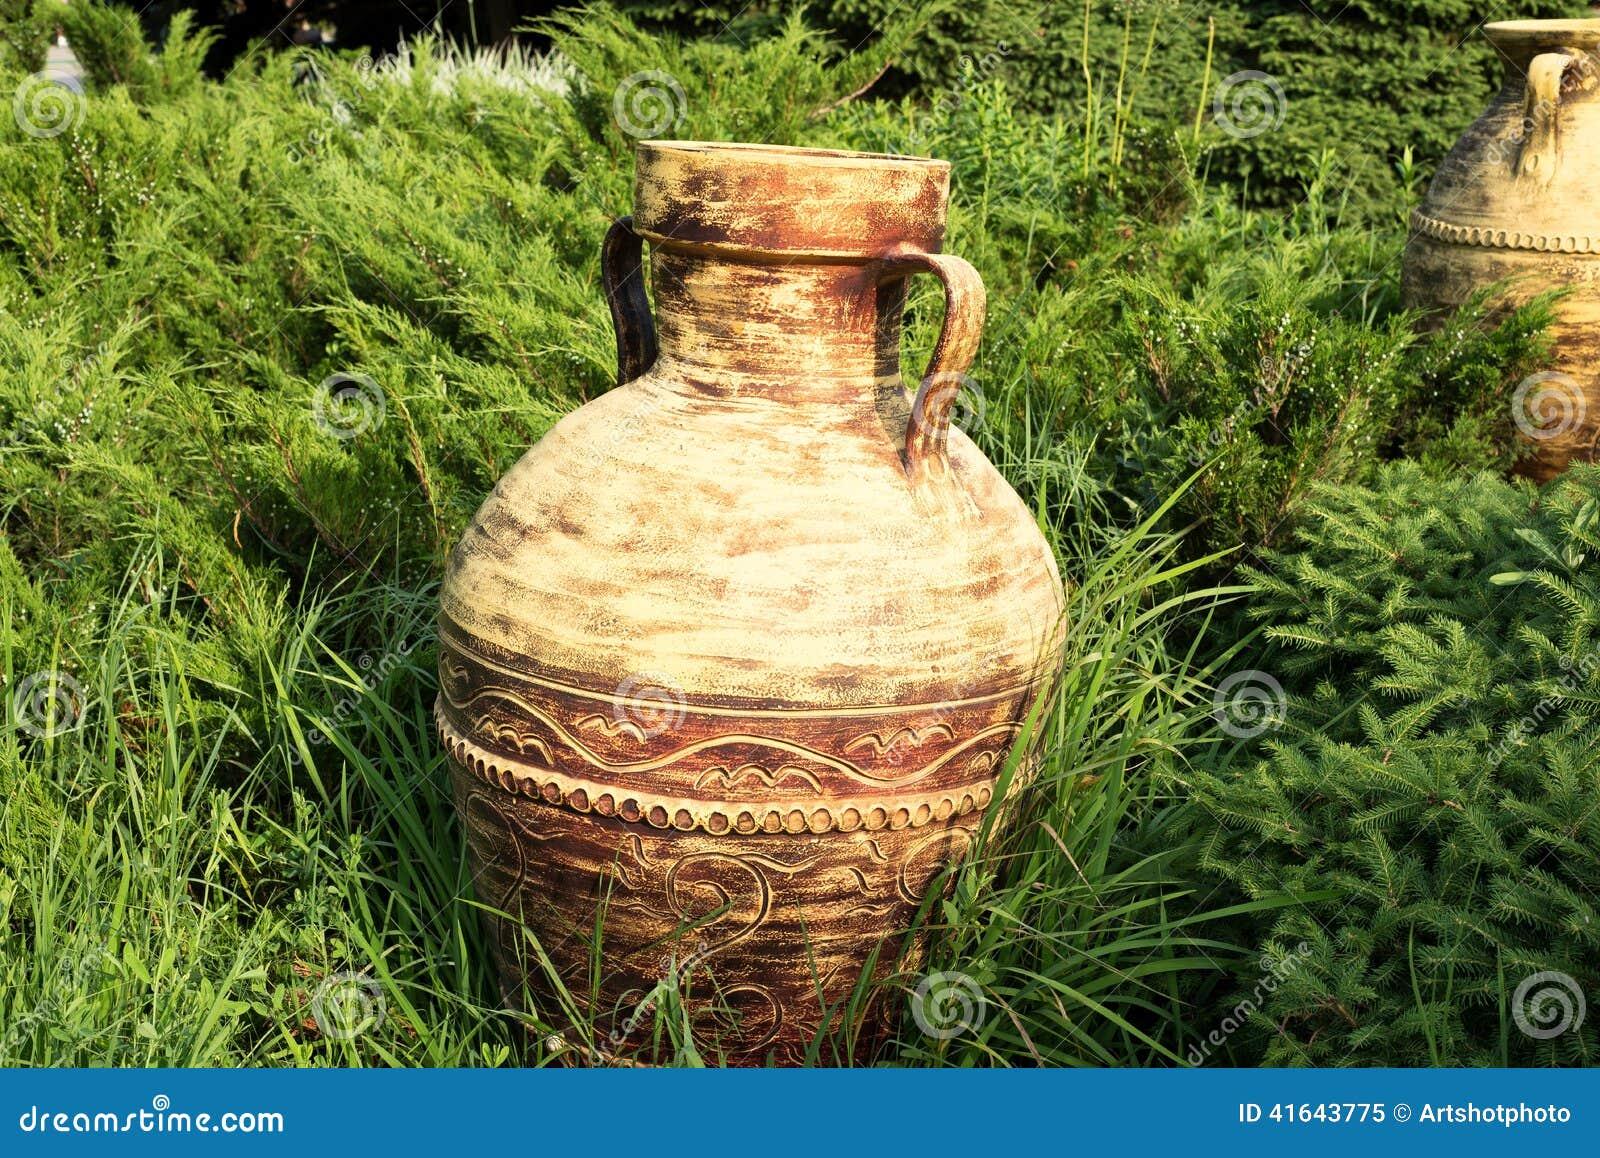 Vasi delle terraglie del giardino fotografia stock for Vasi erba